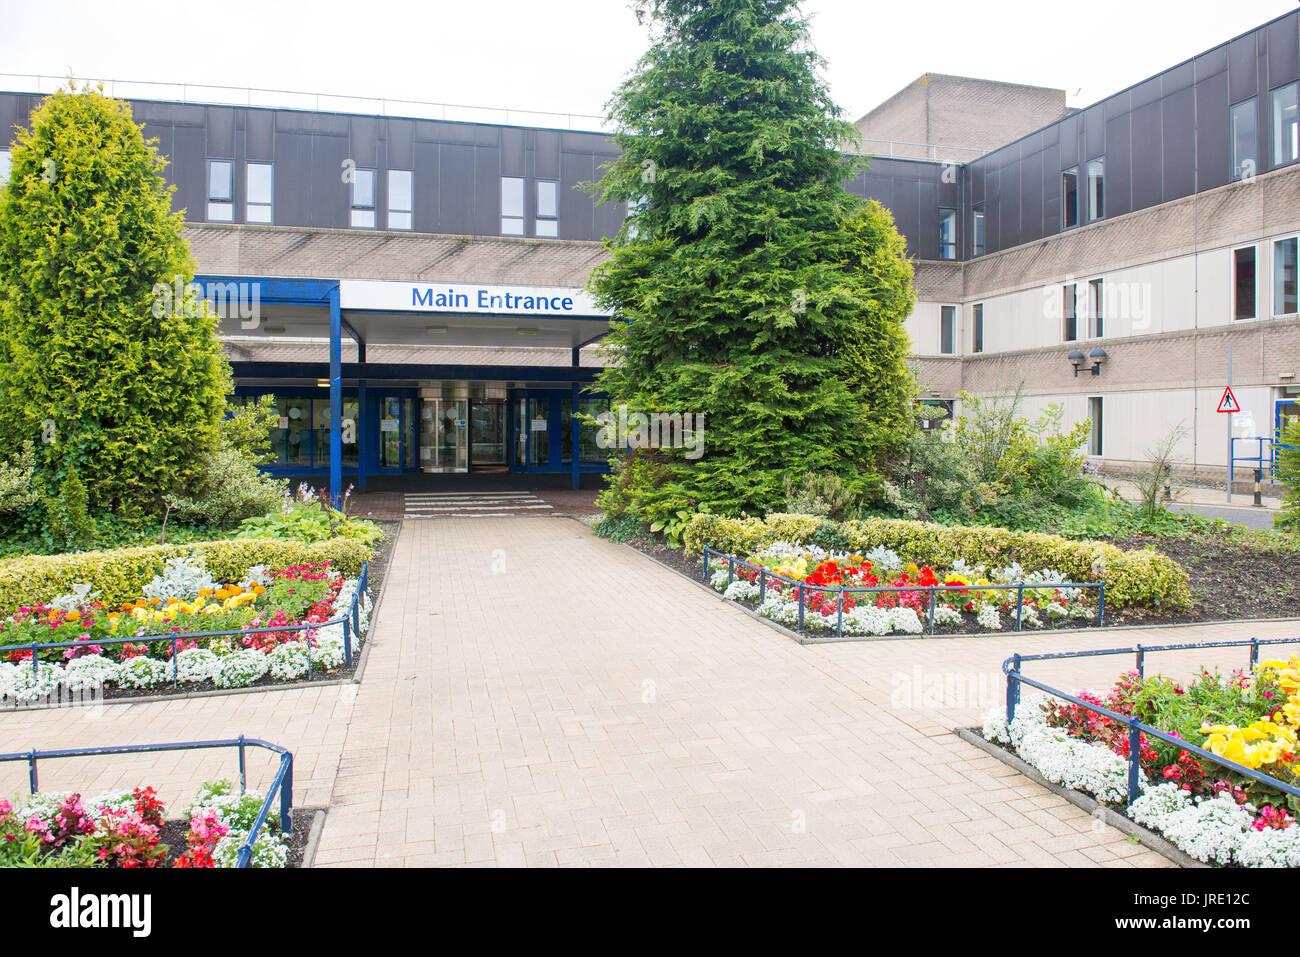 St Johns Hospital, Livingston GV - Stock Image